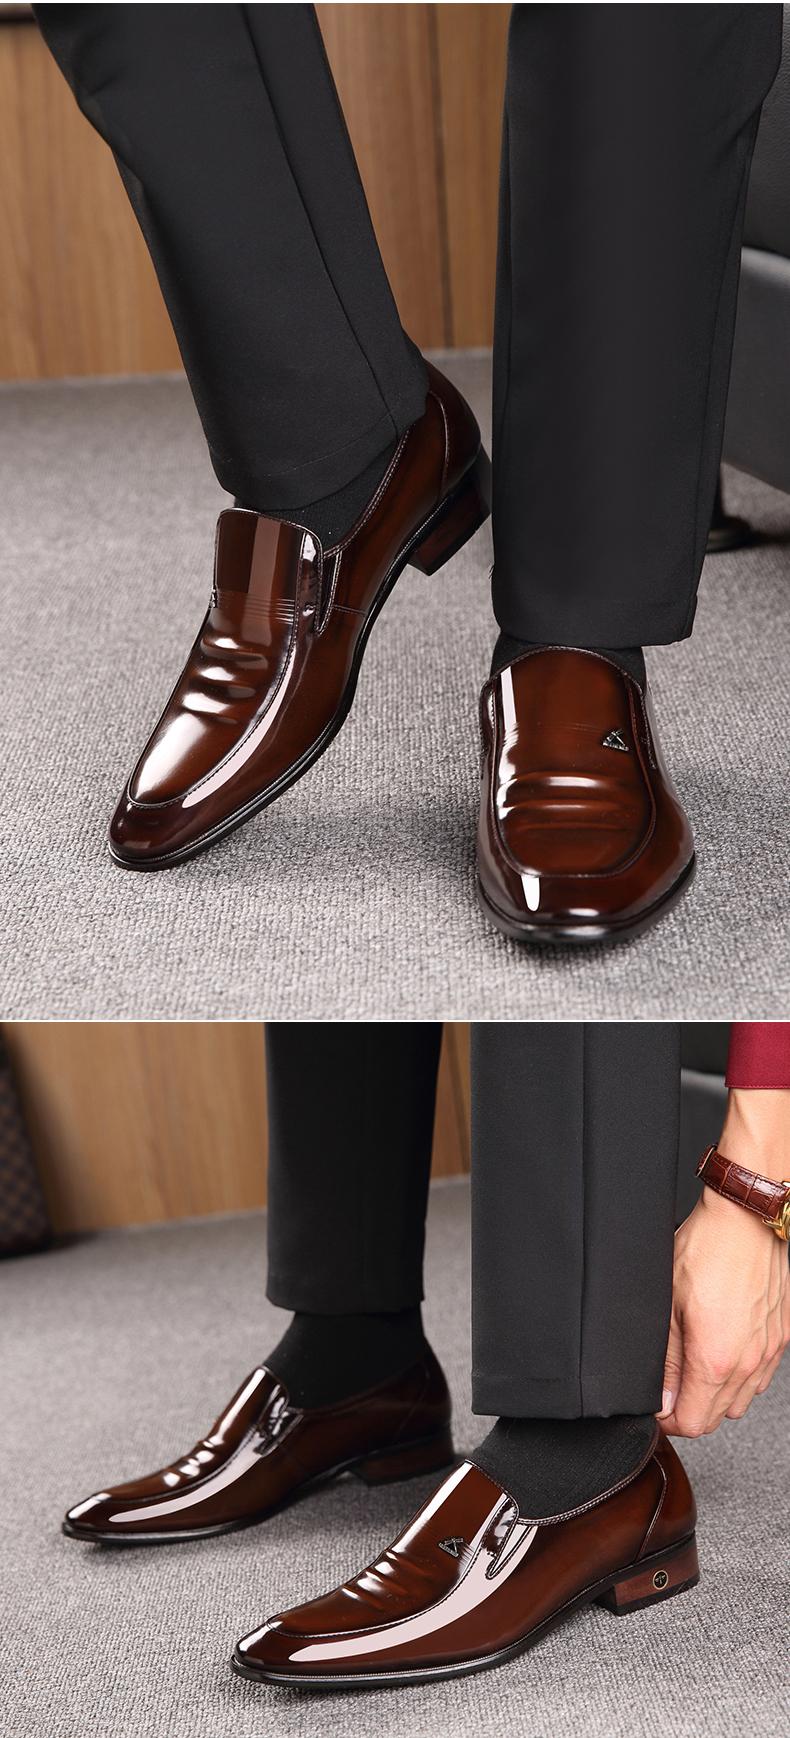 Giày Nam Da Bò Kiểu Dáng Sang Trọng Và Đẳng Cấp ET2233 (7)